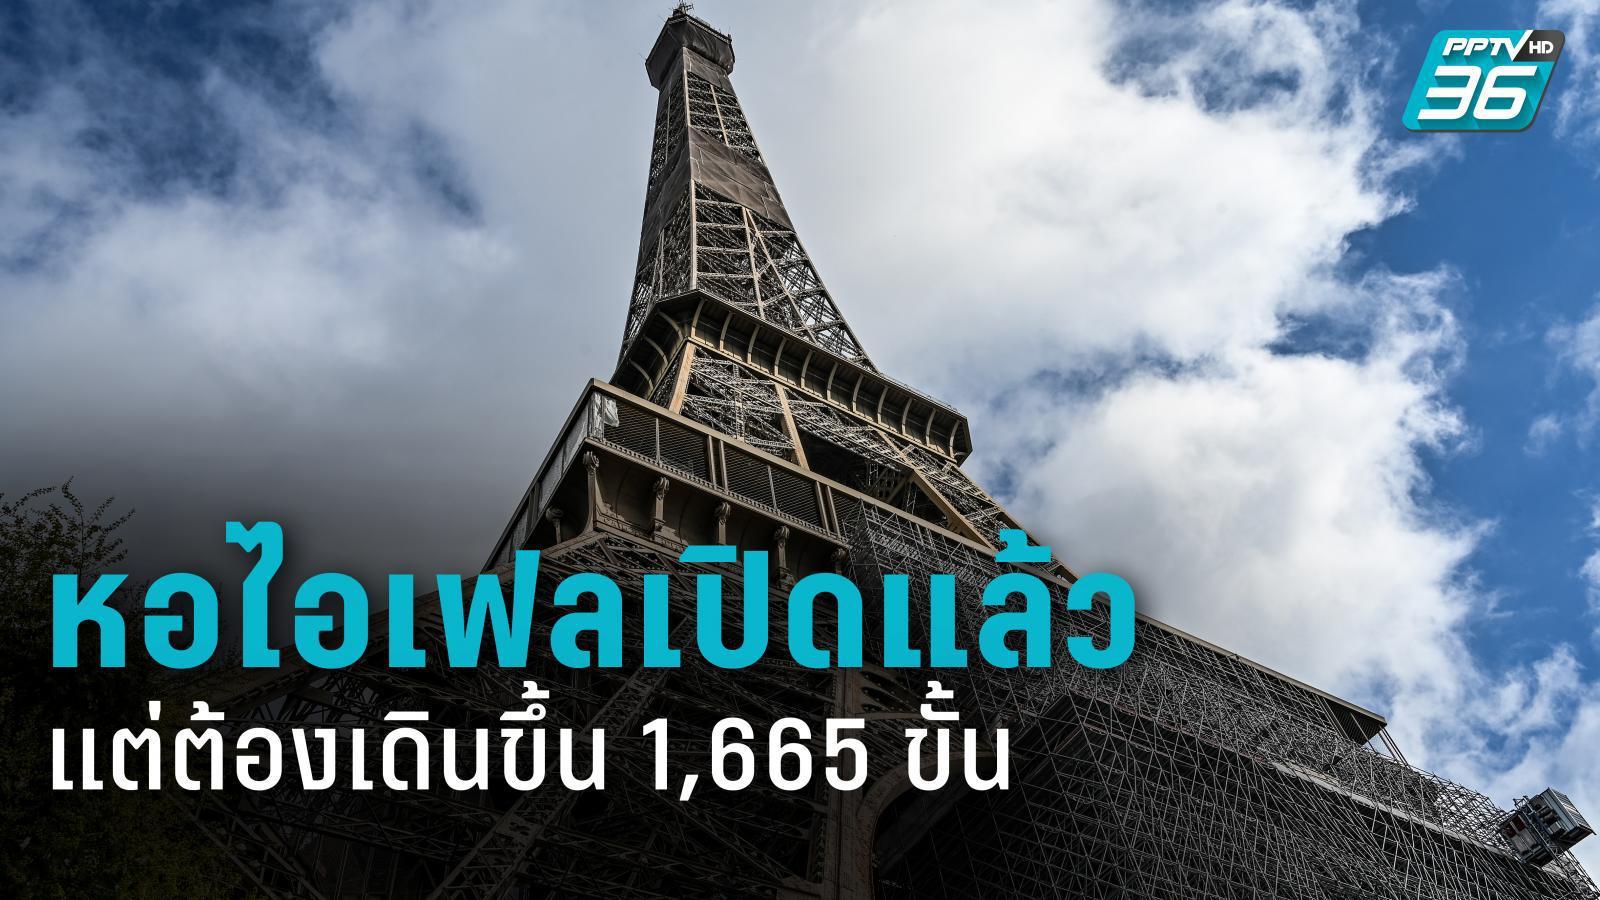 หอไอเฟลเปิดทำการแล้ว แต่ต้องปีนขึ้นเอง 1,665 ขั้น